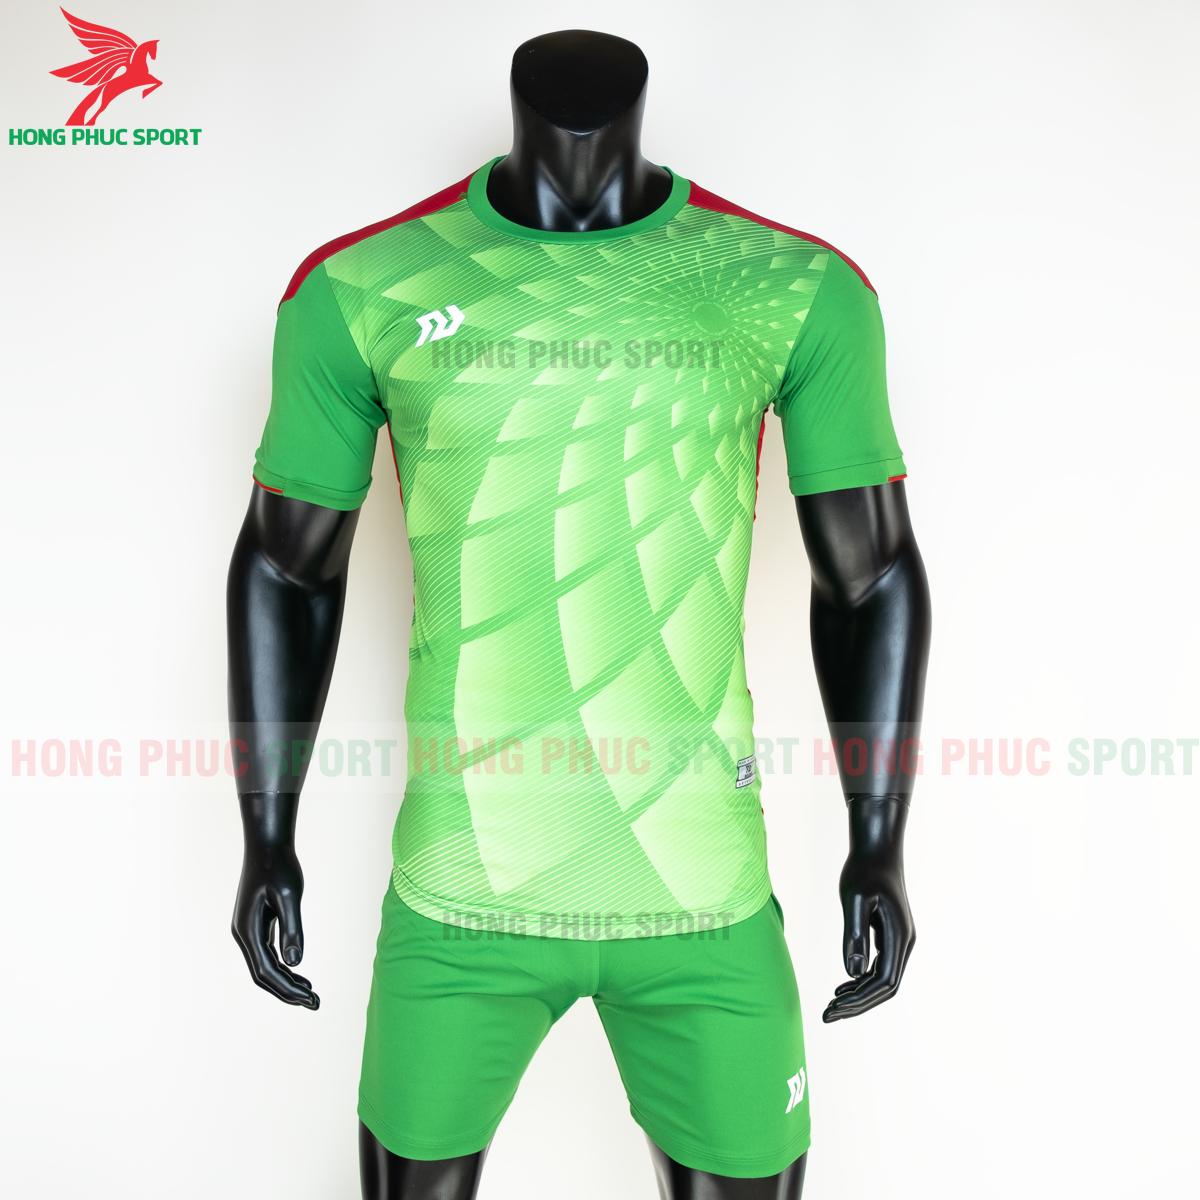 Áo đá banh không logo Bulbal Lotus 2021 màu Xanh lá (Trước)